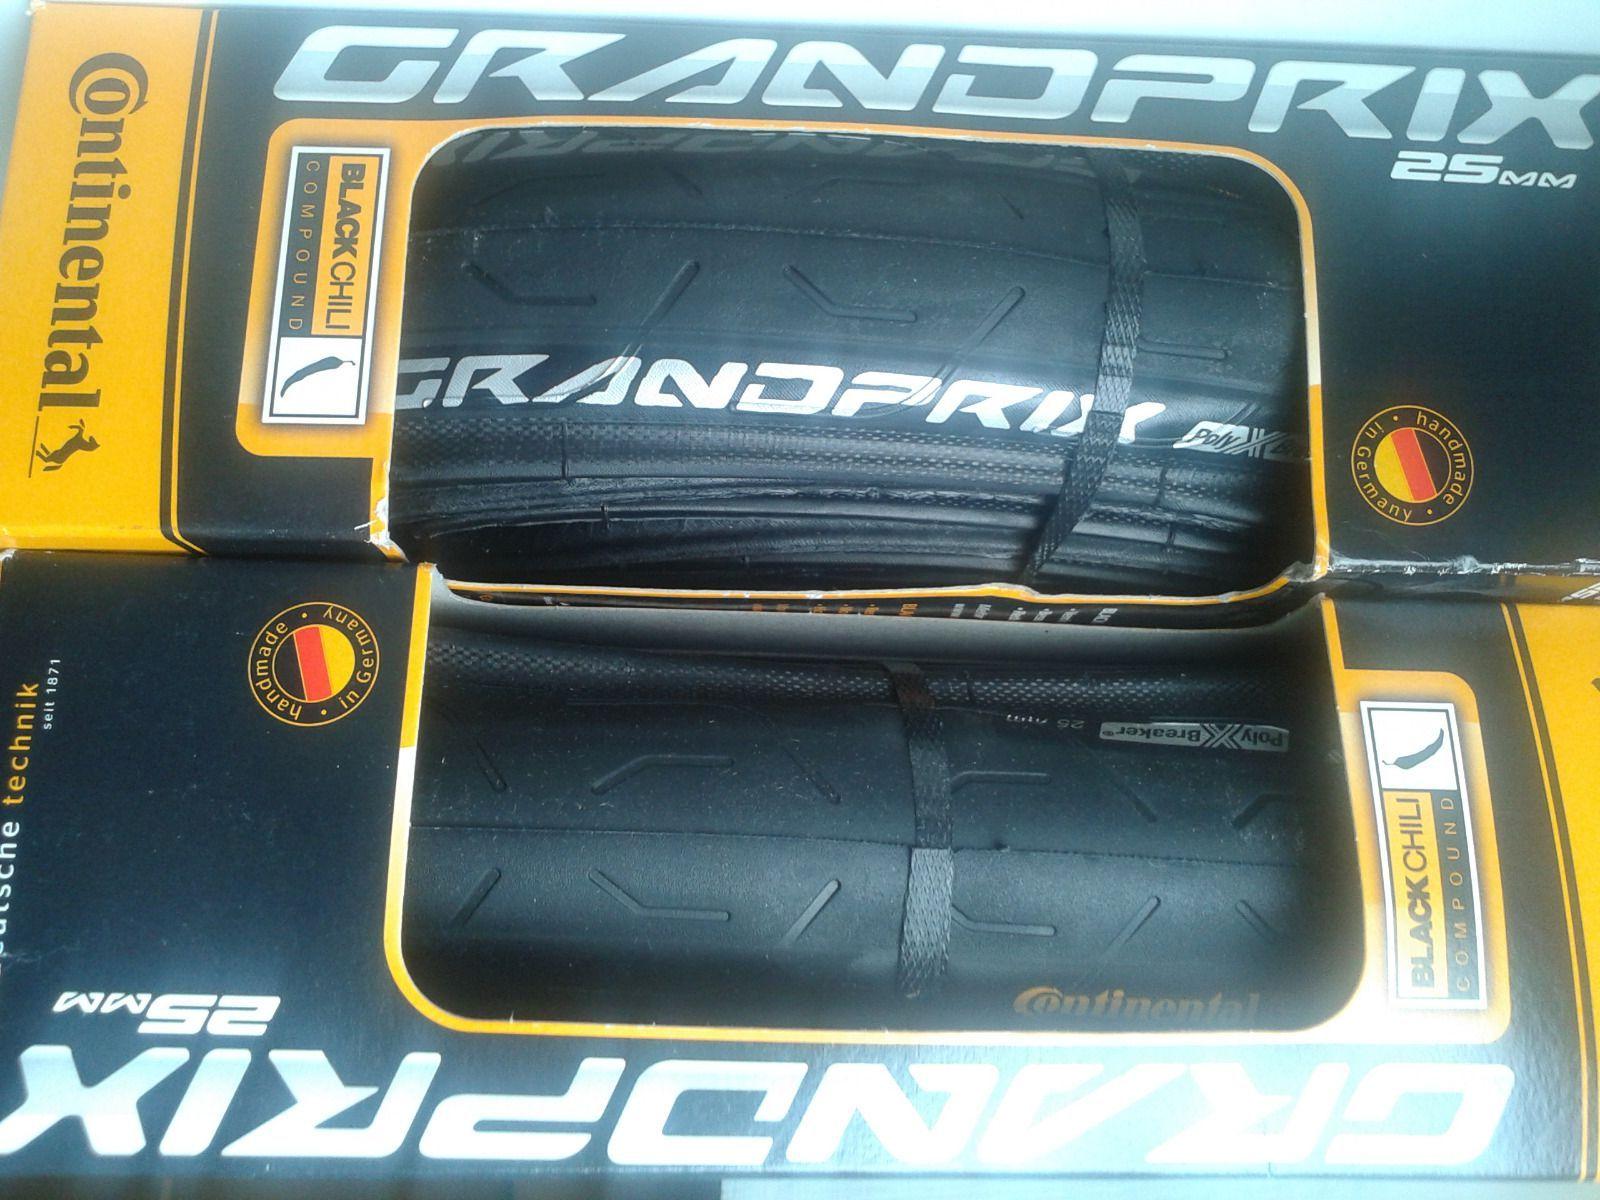 Continental Grand Prix 25-622